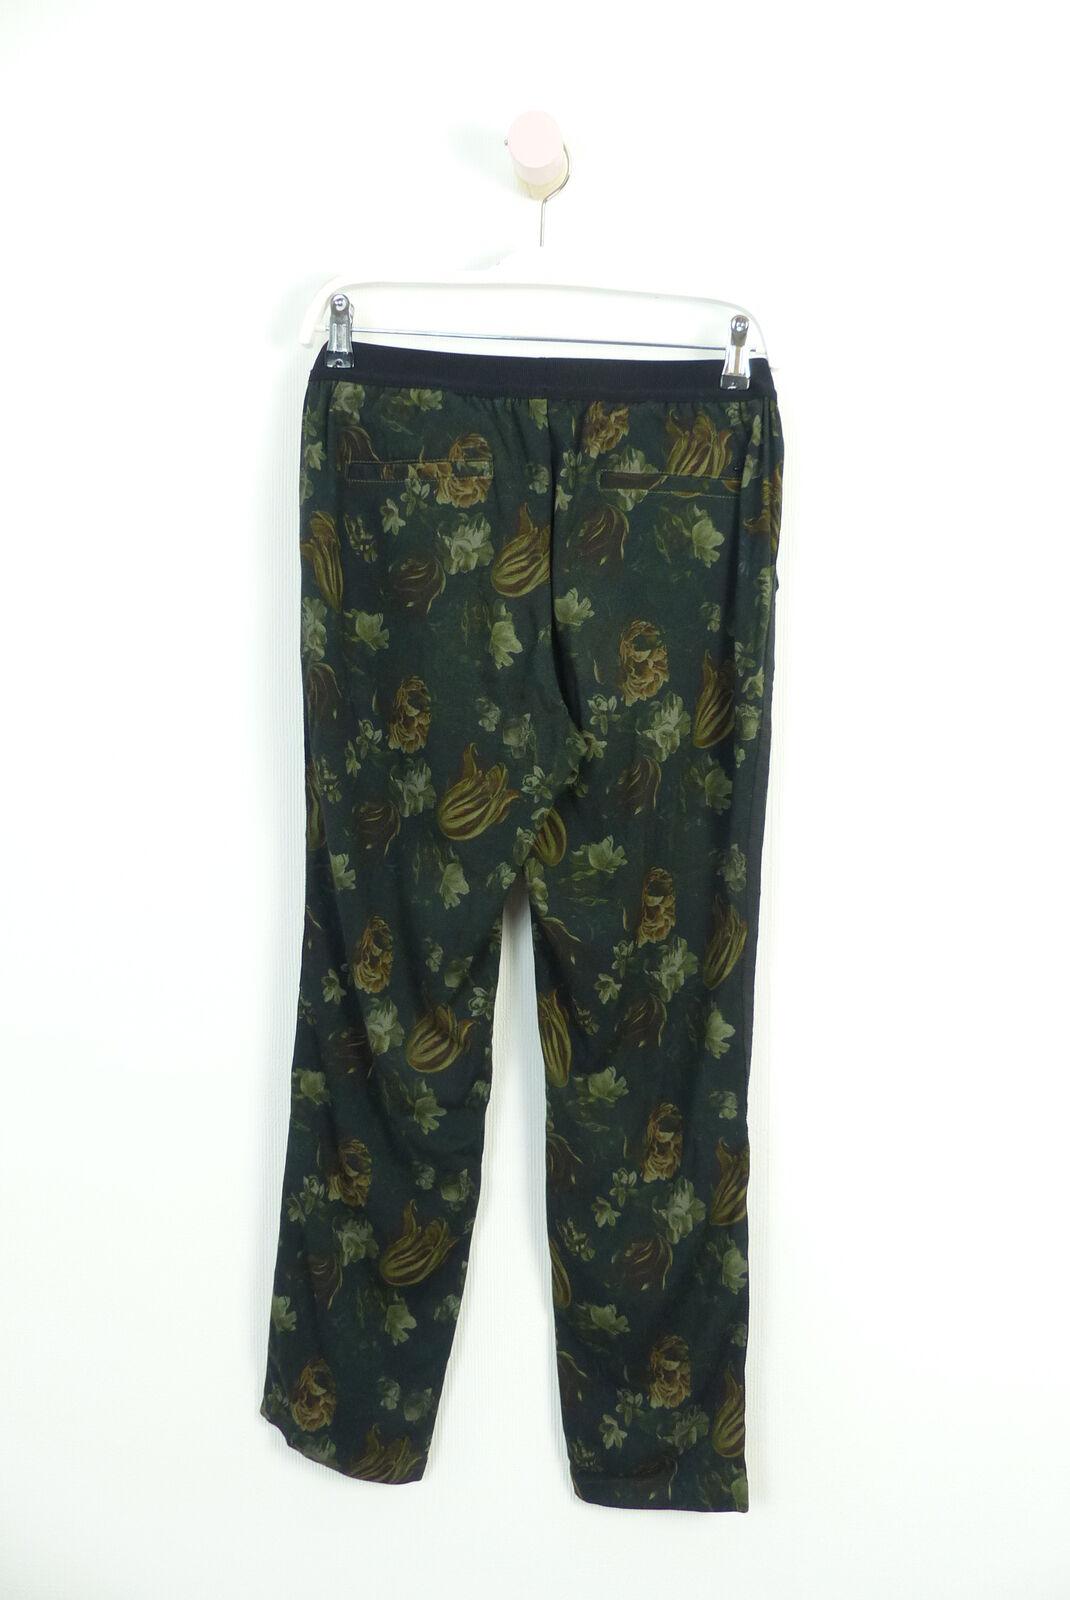 Mason'S PANTALONI PANTS Harem Harem Harem Pantaloni geblümt PANTS multicolore Tg. IT 40 de 34 (a181) bcc301